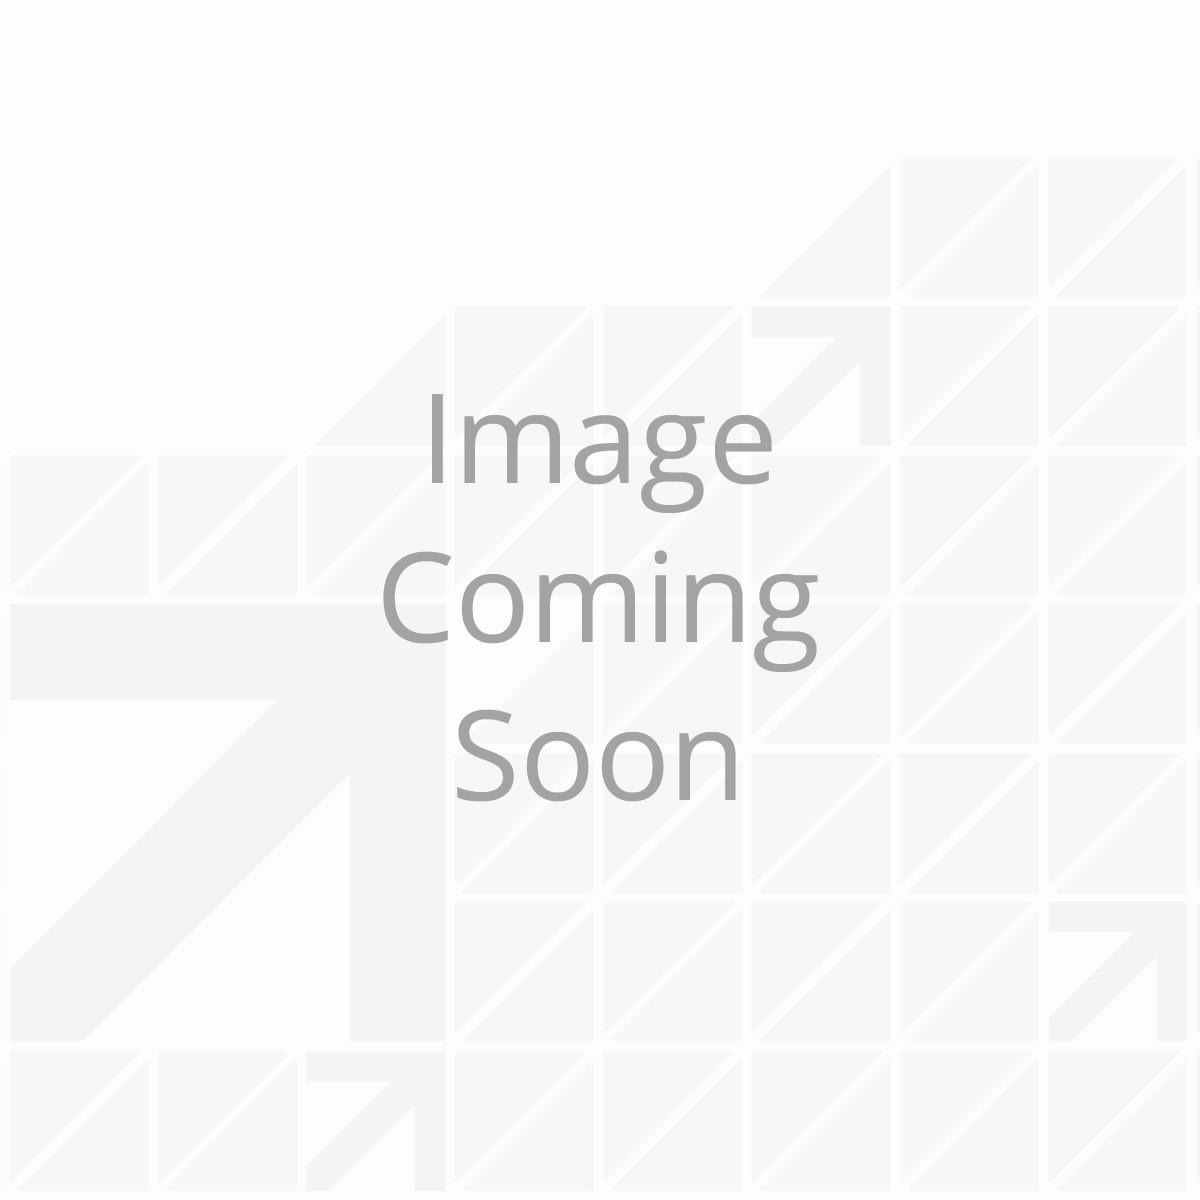 733325_Side-Cameras-FCE48TASL_001